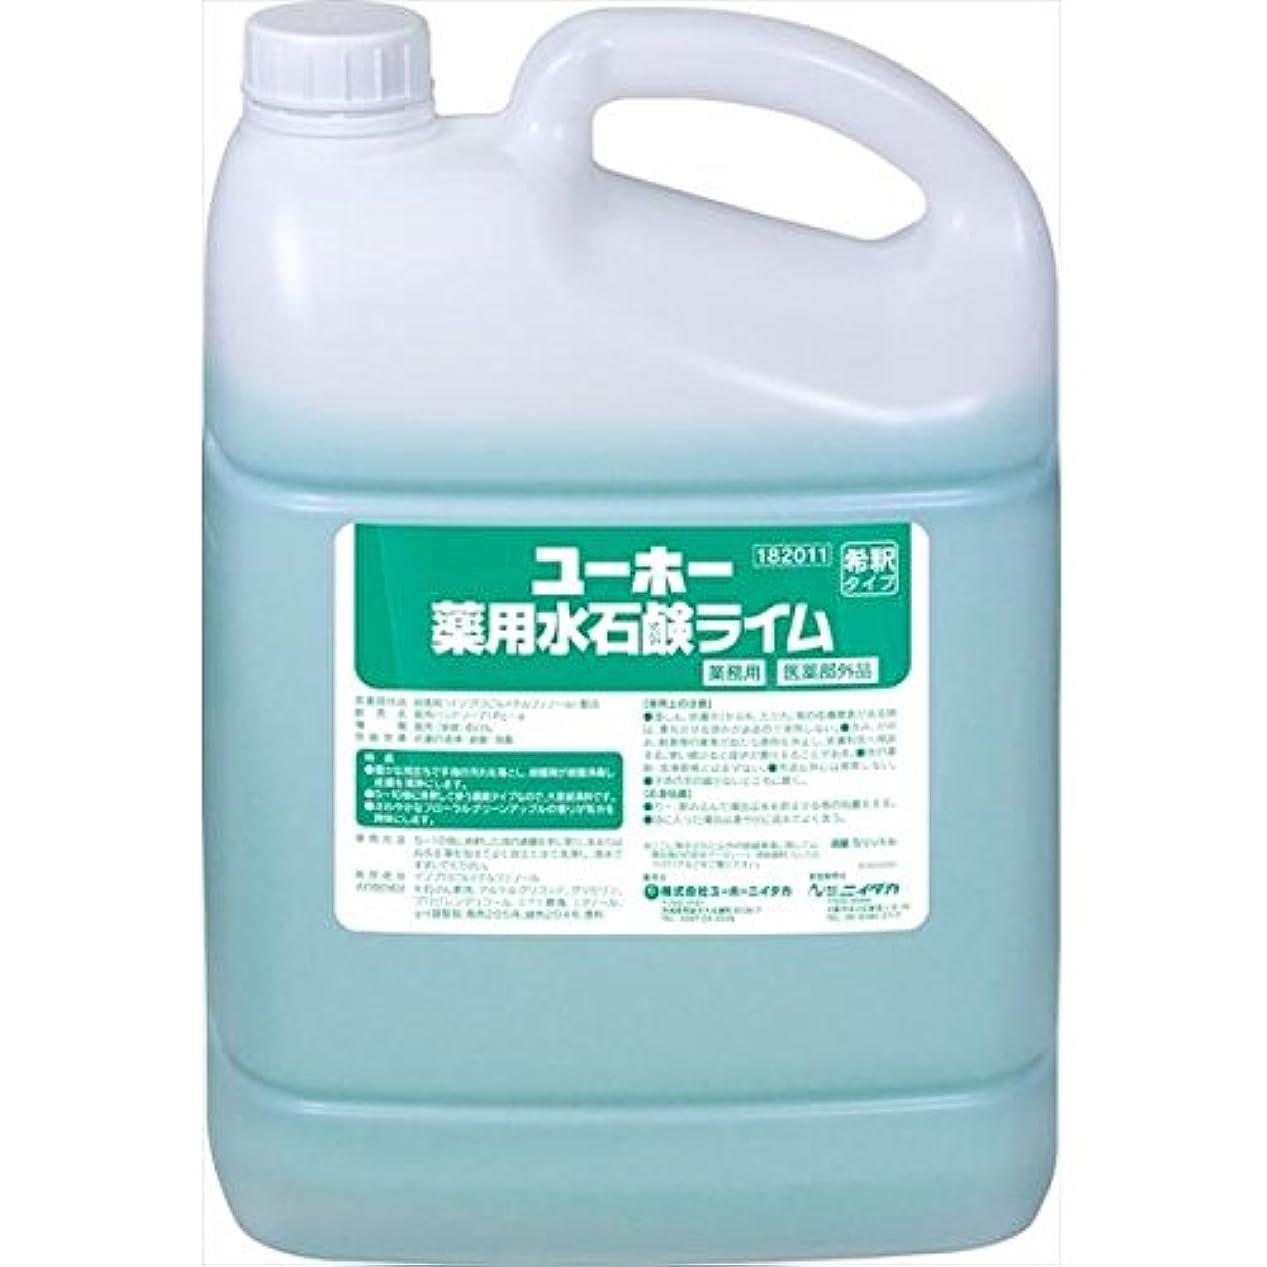 判定電子証明ユーホーニイタカ:薬用水石鹸ライム 5L×2 182011